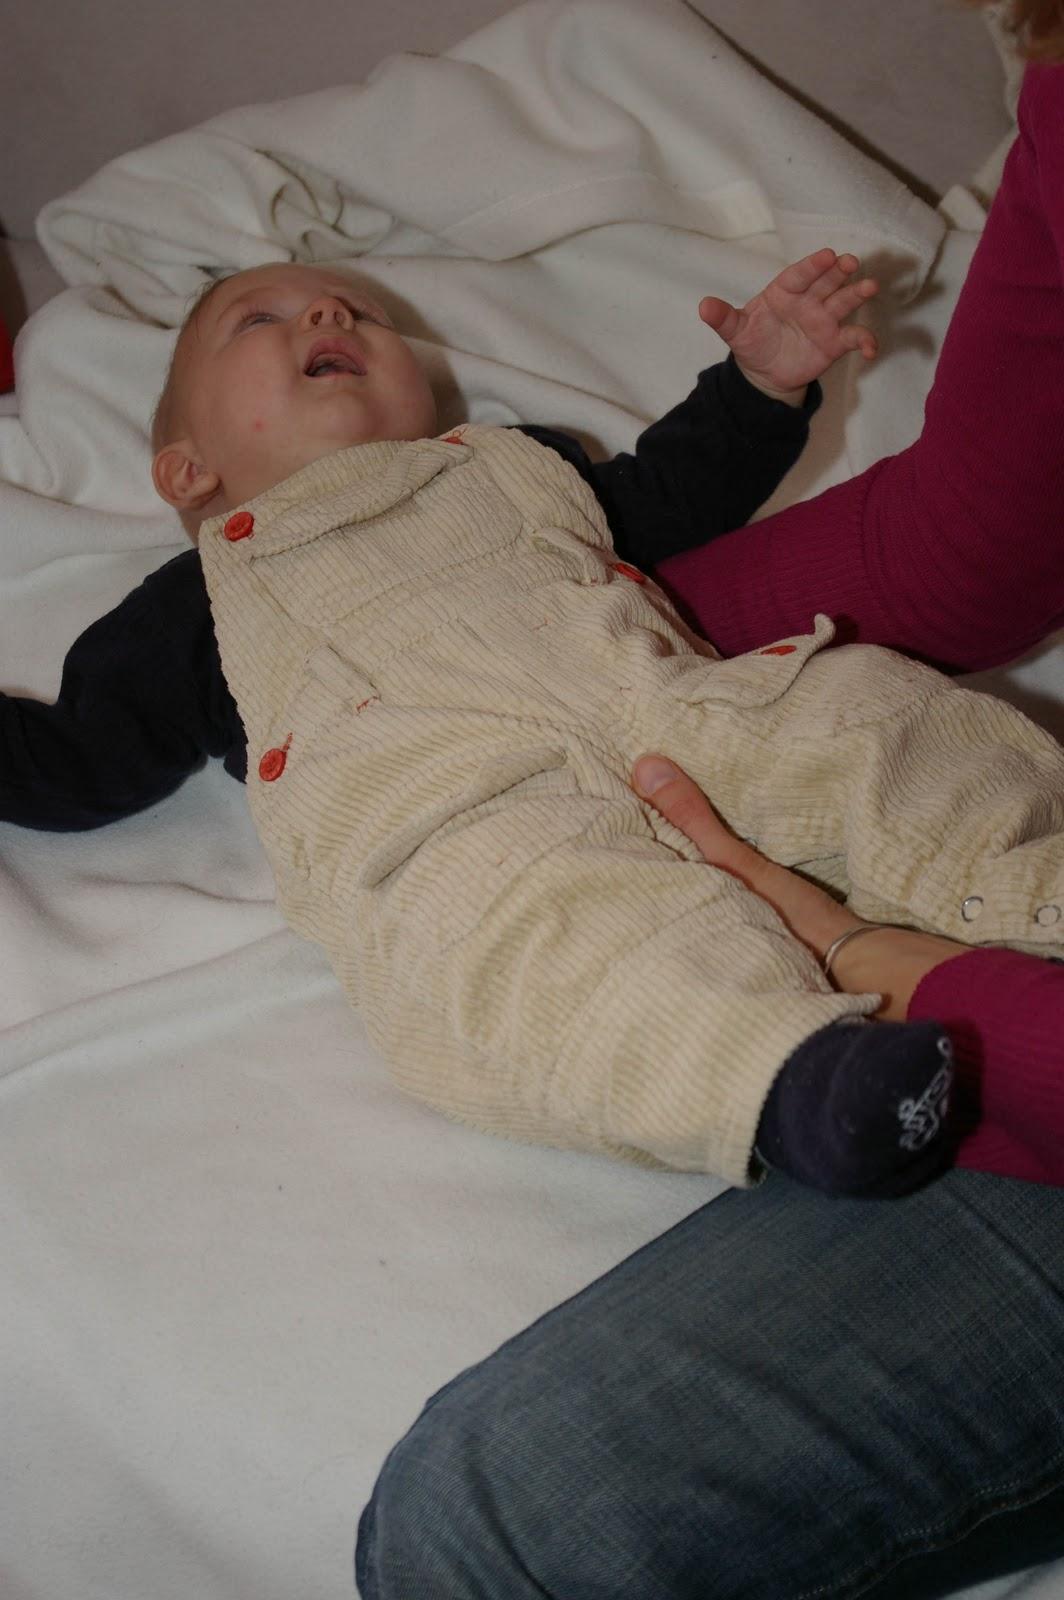 Porter un b b dans les bras en terre d 39 enfance - Rever de porter un bebe dans ses bras ...